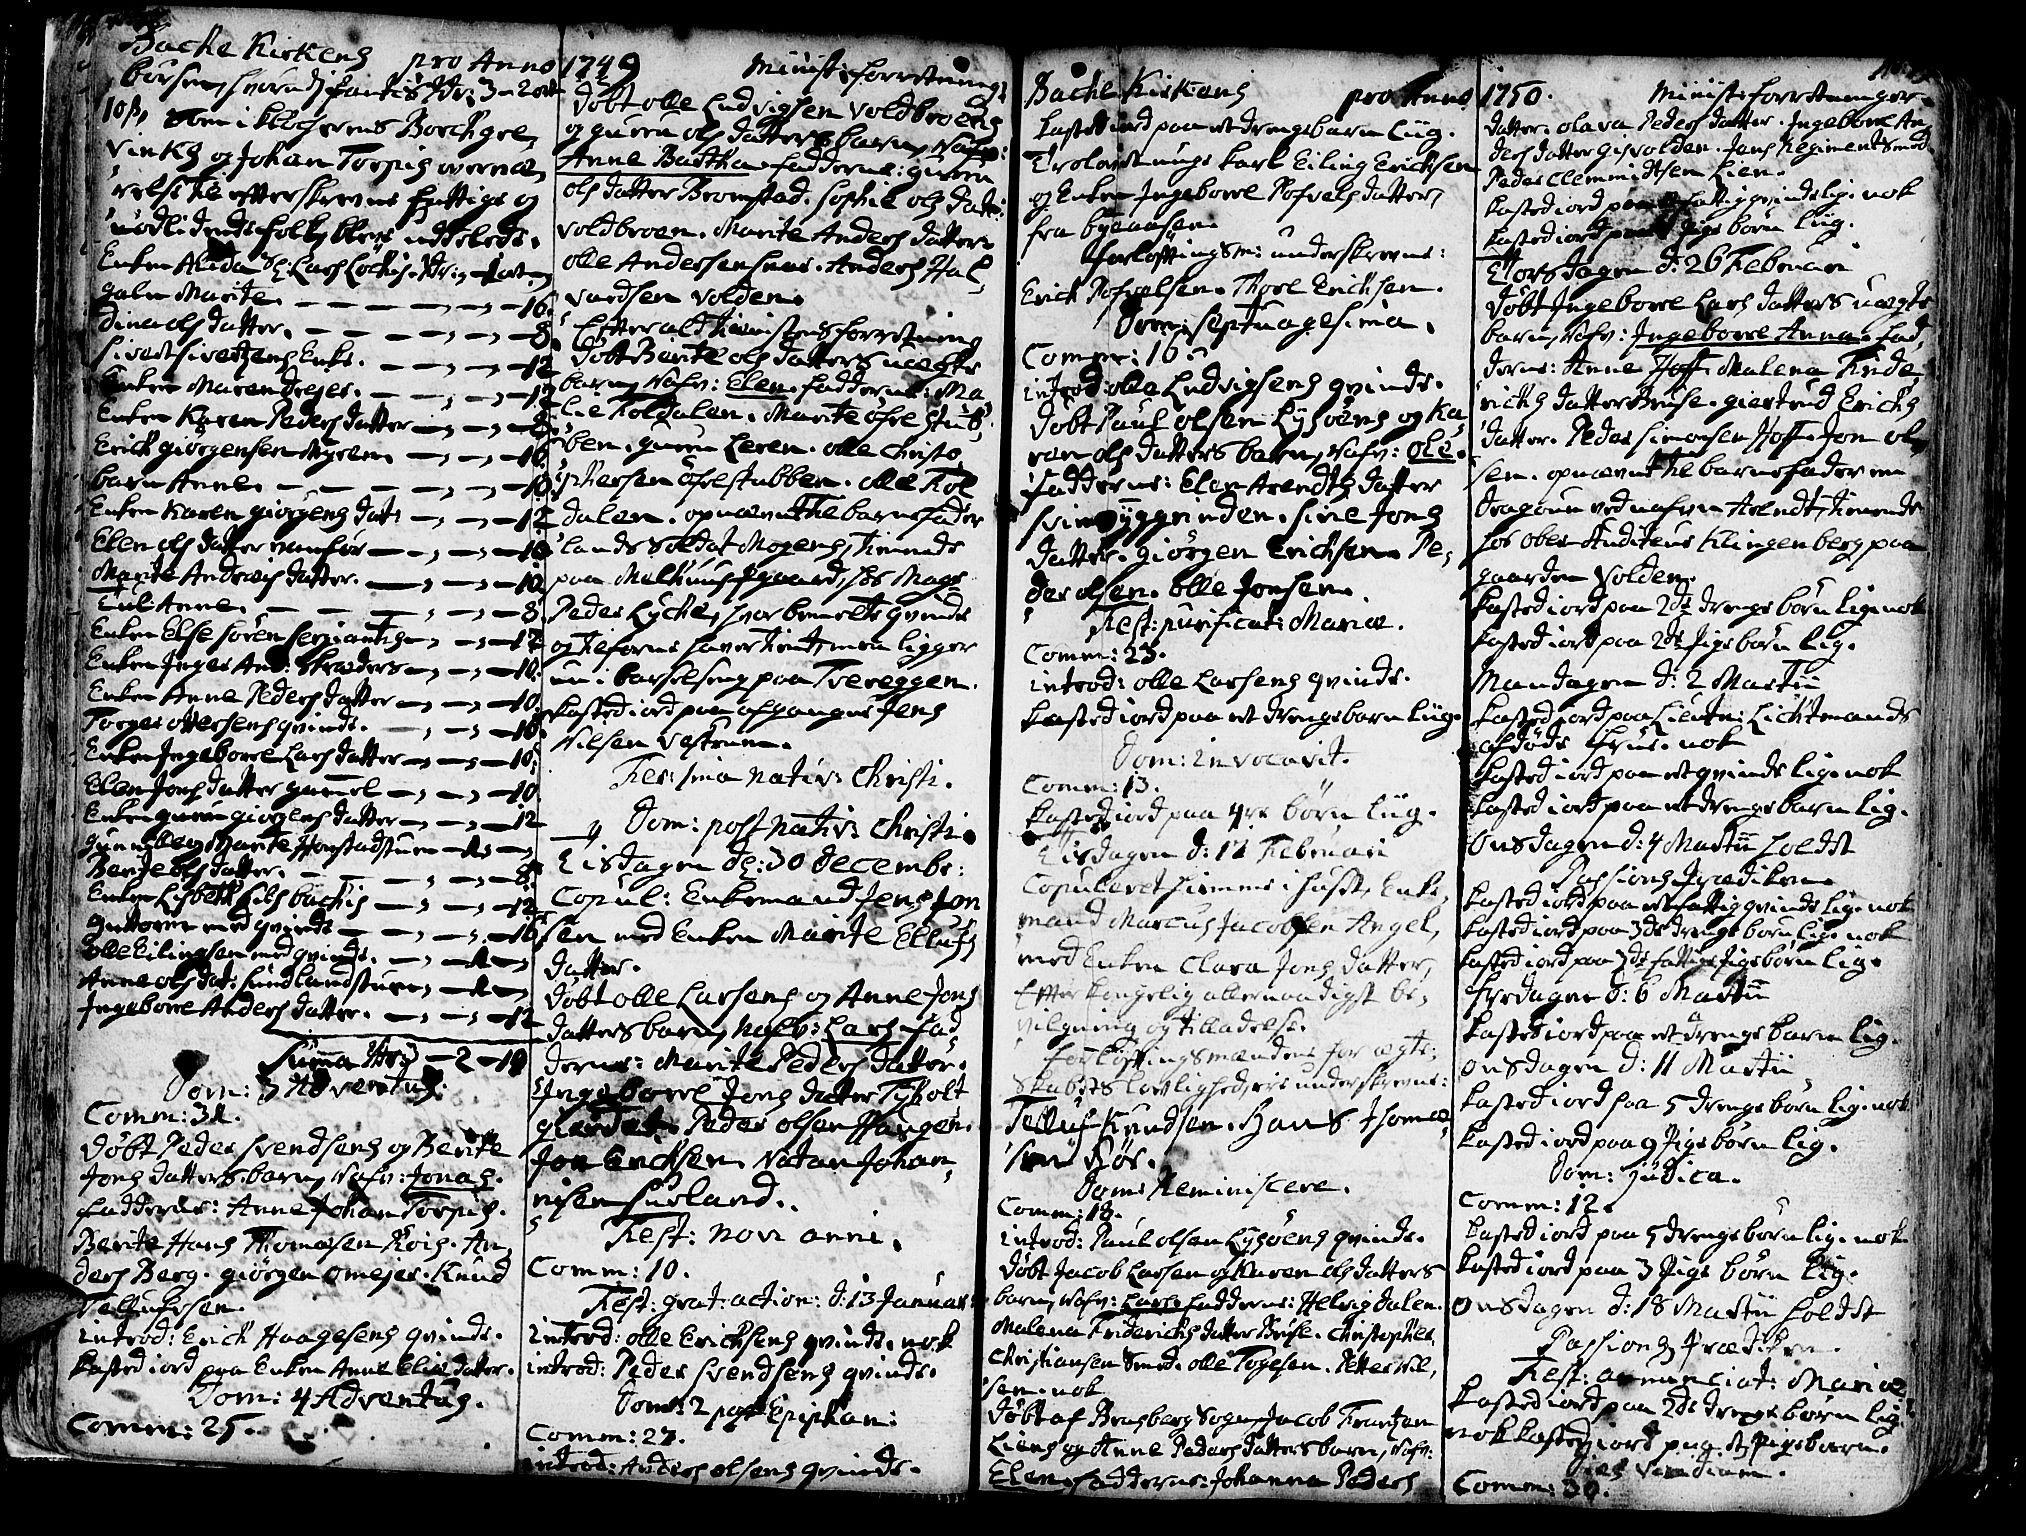 SAT, Ministerialprotokoller, klokkerbøker og fødselsregistre - Sør-Trøndelag, 606/L0276: Ministerialbok nr. 606A01 /2, 1727-1779, s. 78-79